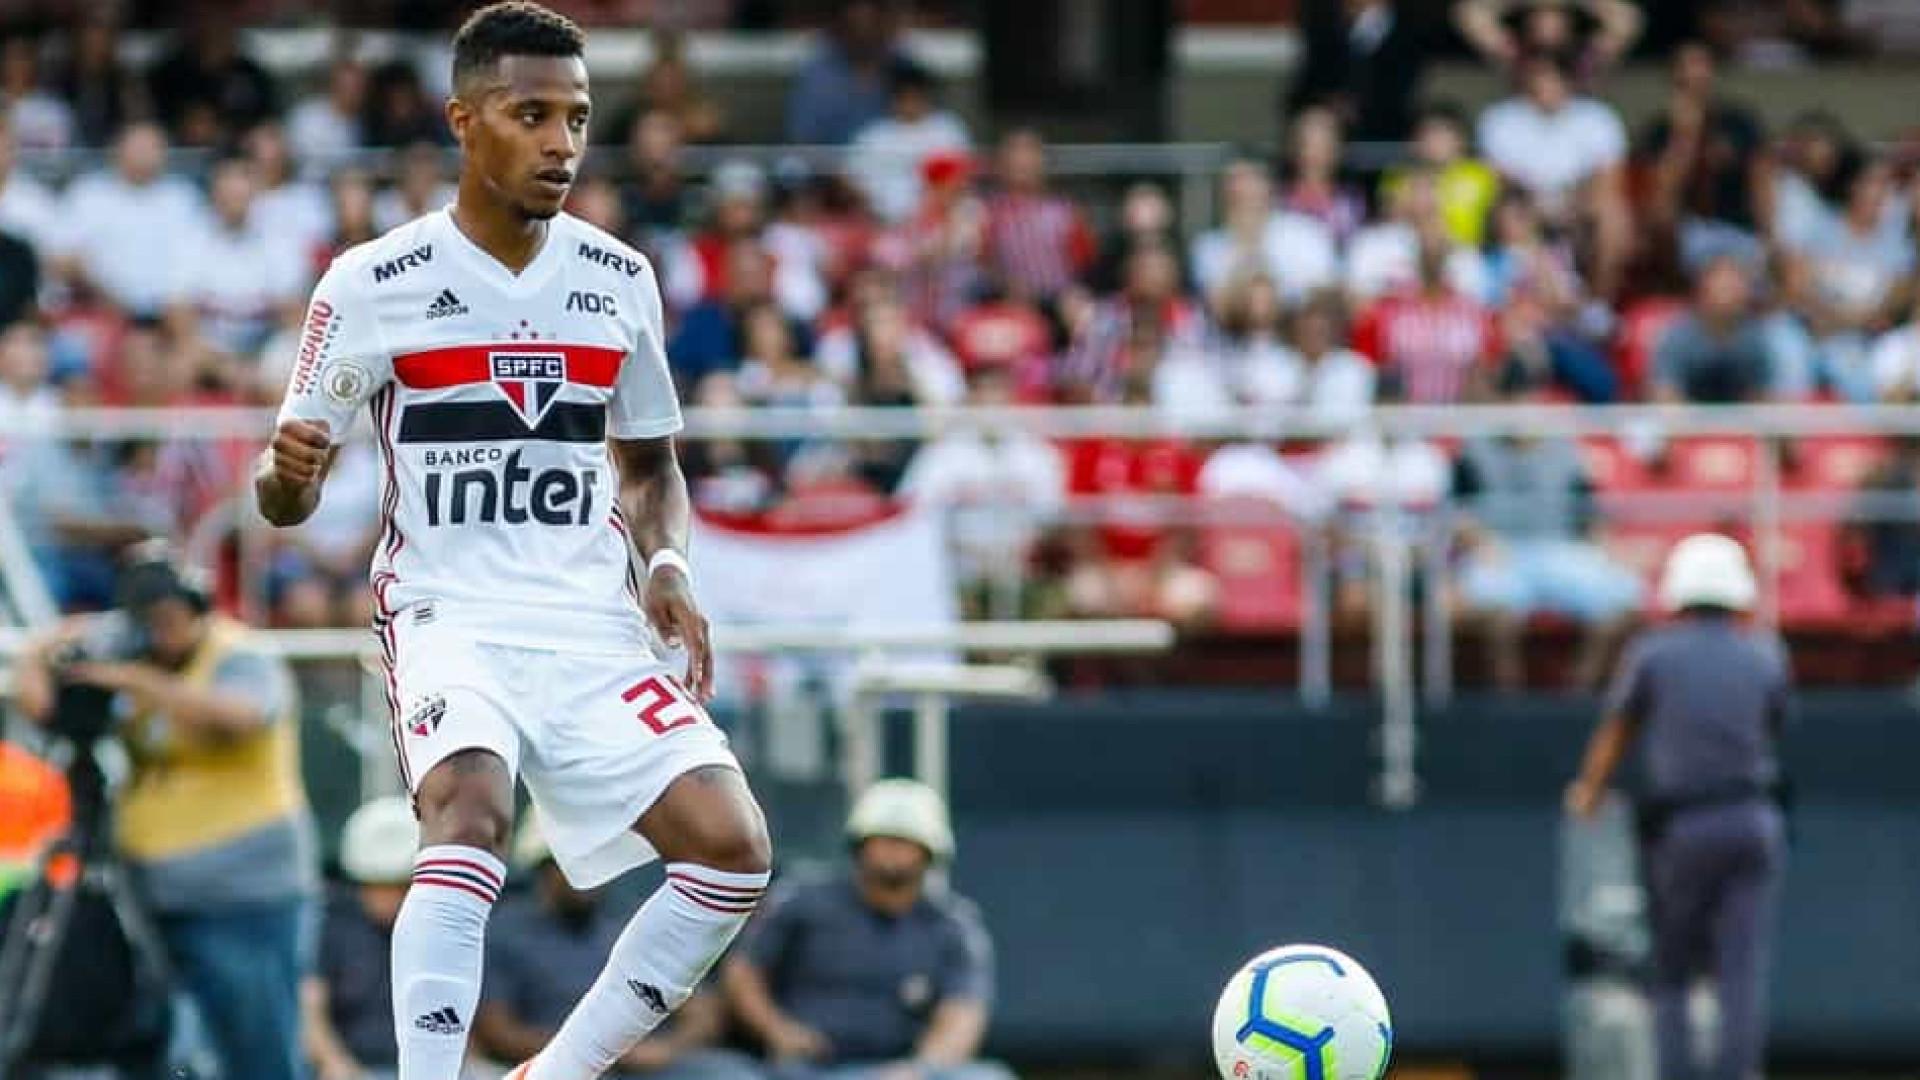 Tchê Tchê admite que São Paulo não estará em condição ideal